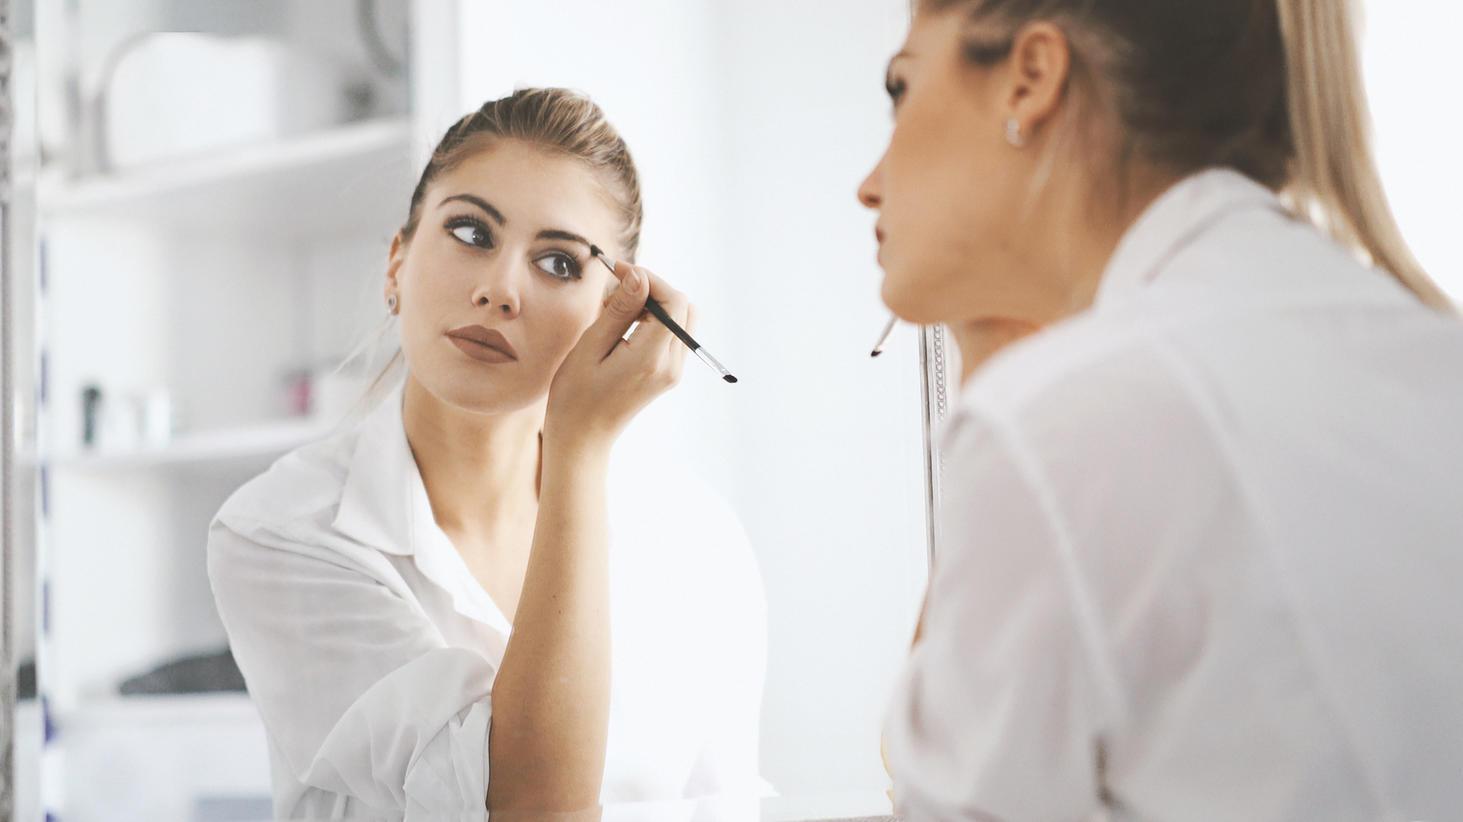 tipps-fur-waagen-so-gelingt-ein-harmonisches-make-up